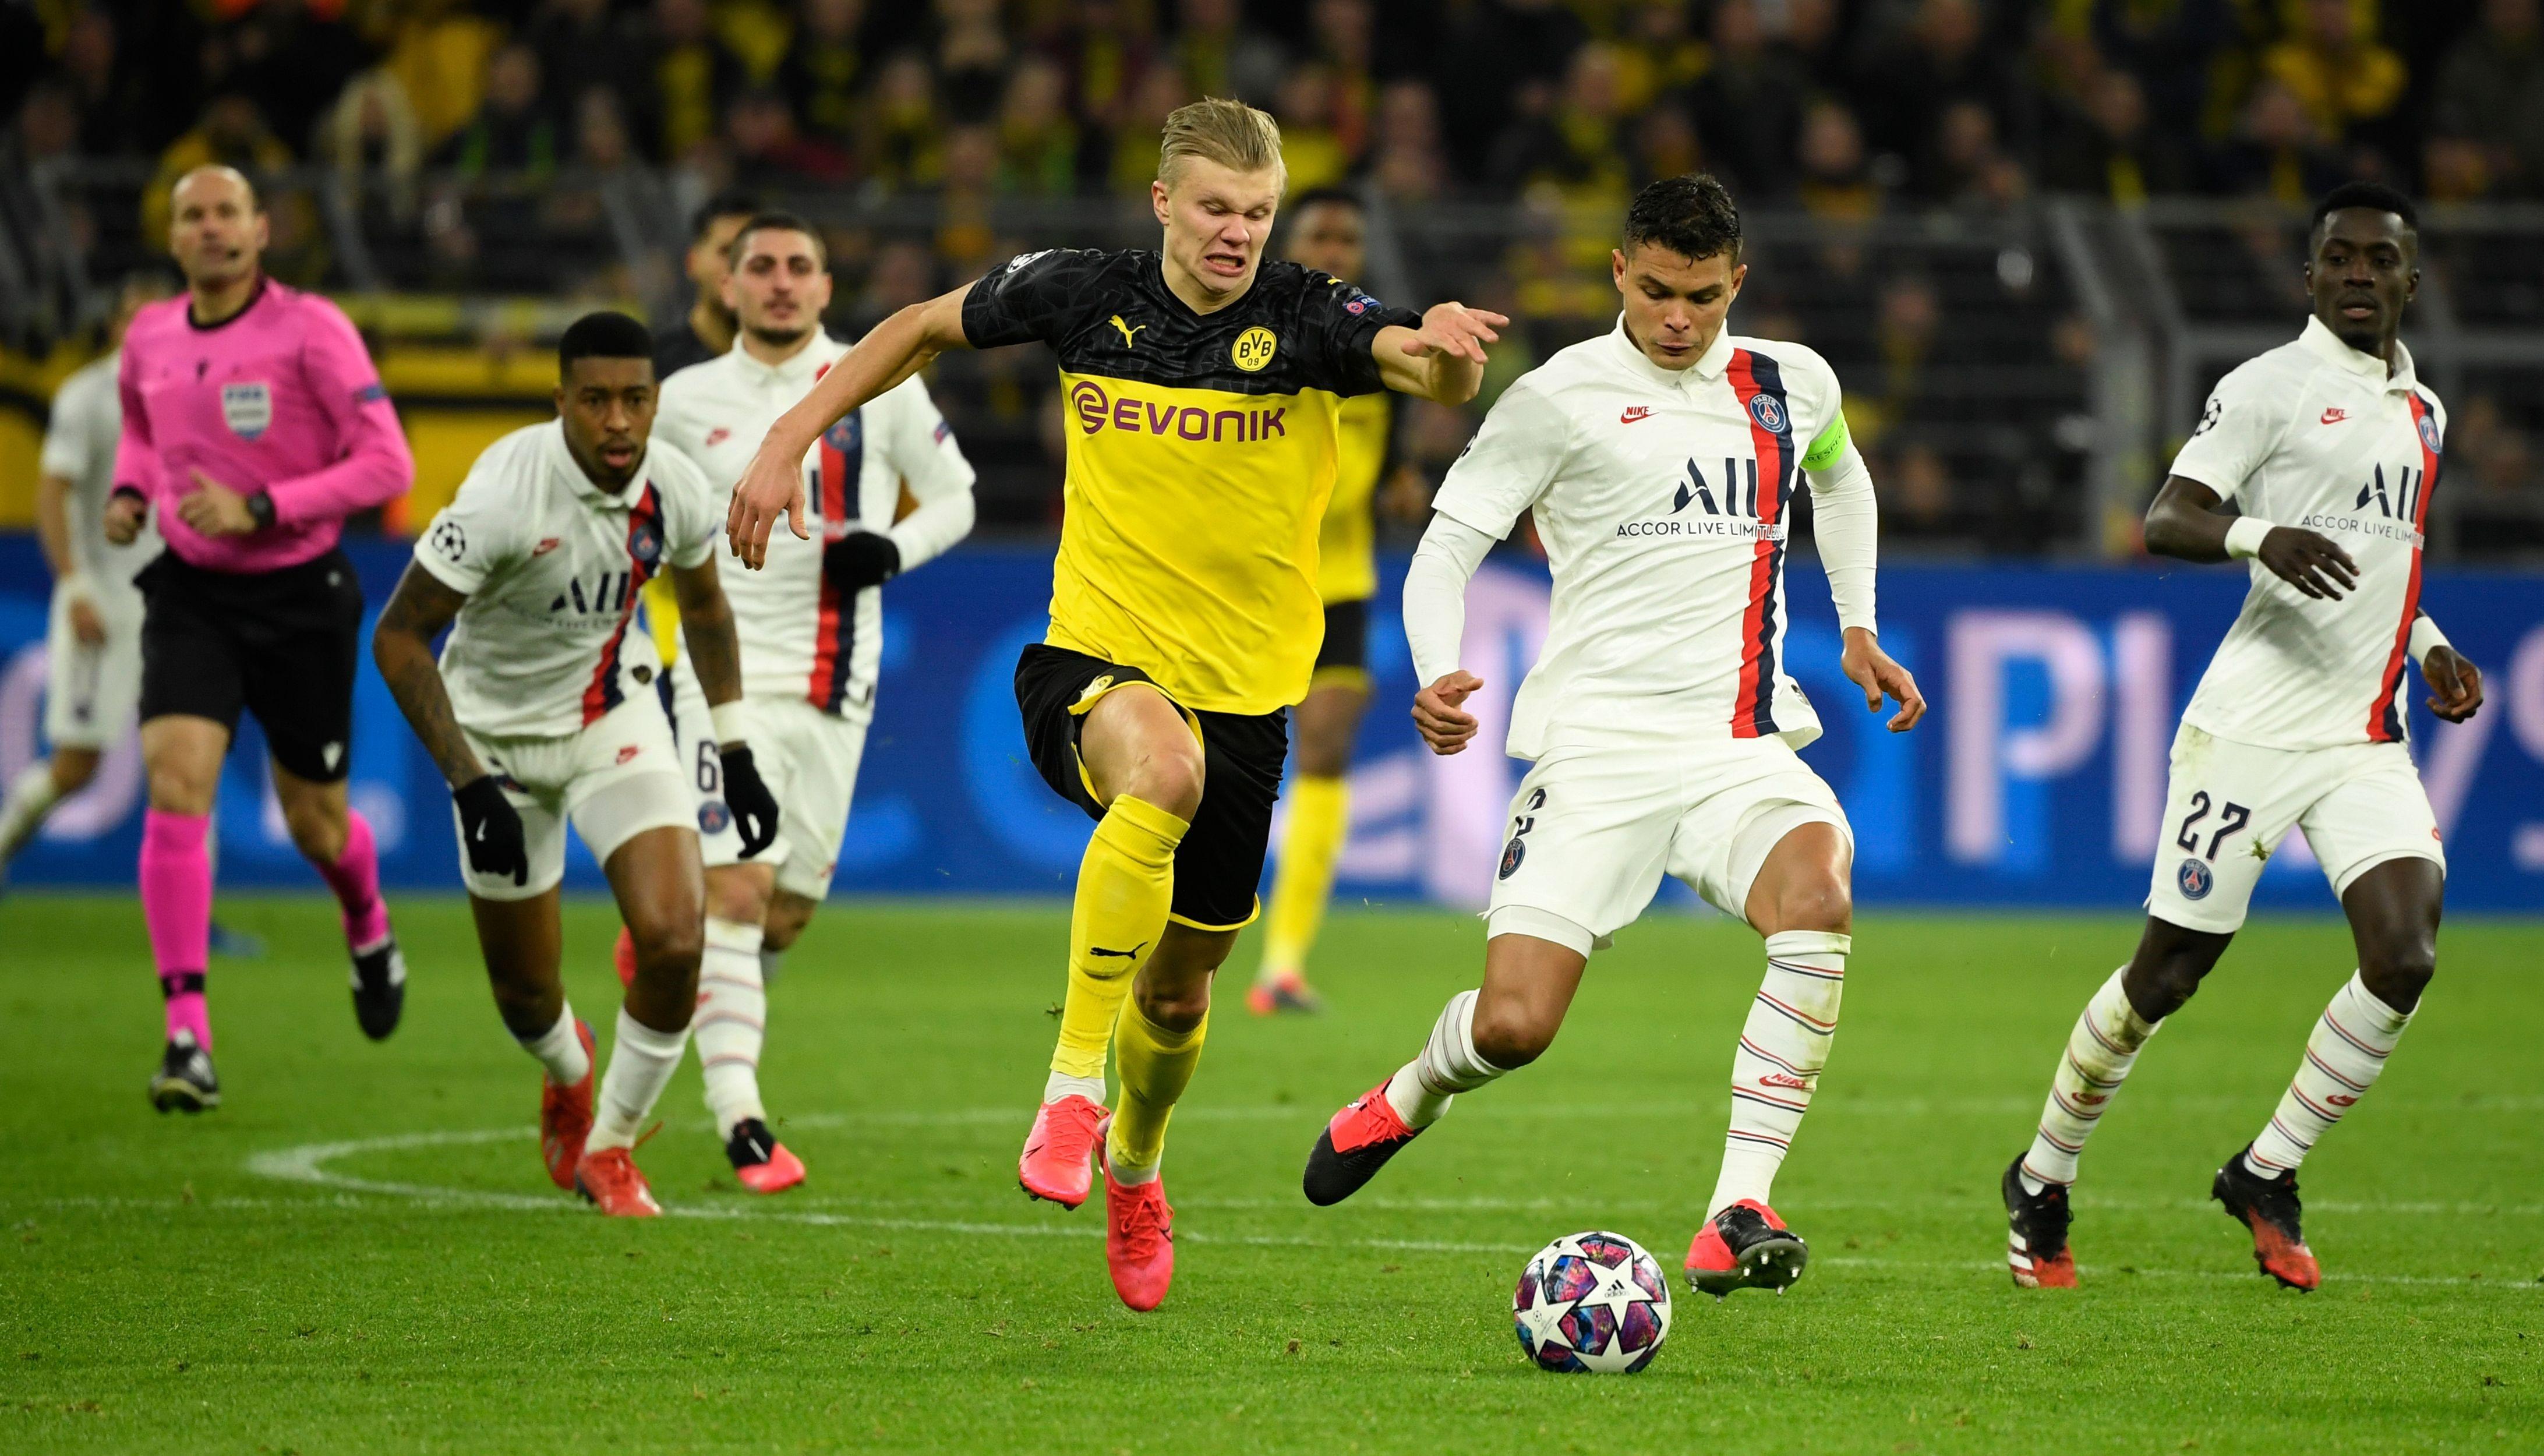 Erling Braut Haaland et Thiago Silva (PSG) lors de la rencontre Borussia Dortmund-Paris Saint-Germain / Ligue des champions